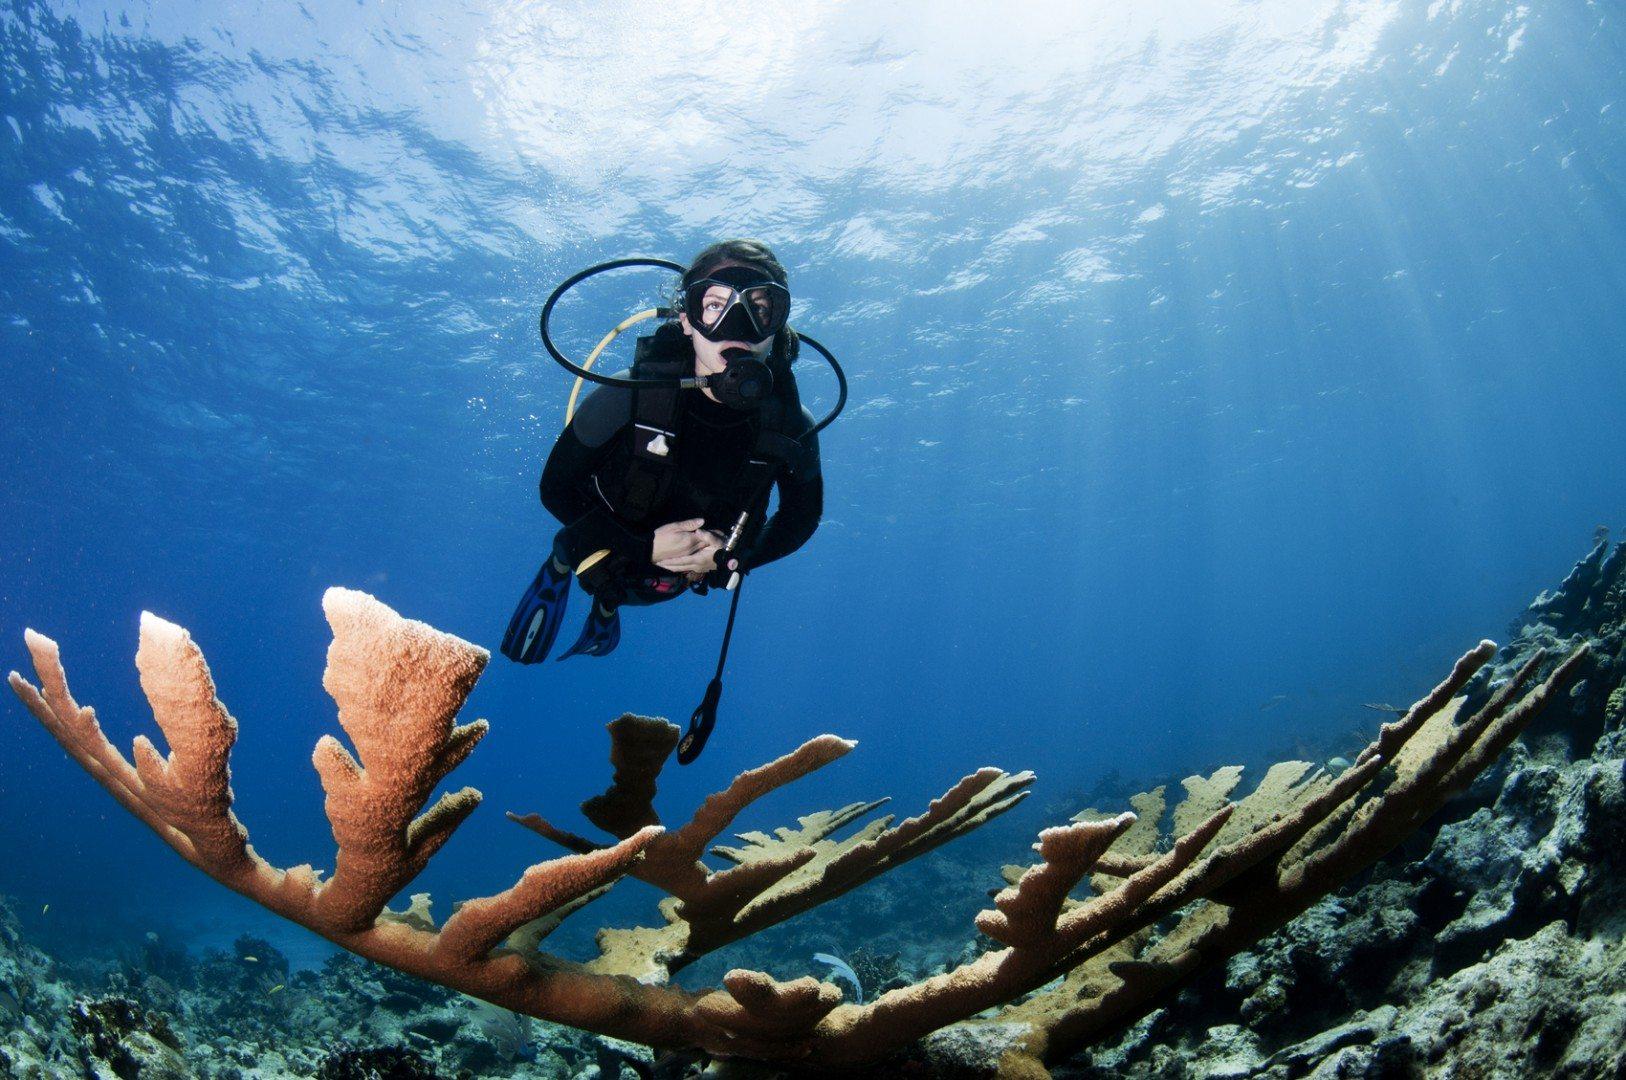 female-scuba-diver-swimming-over-coral-in-the-Caribbean-sea-000023790559_Medium